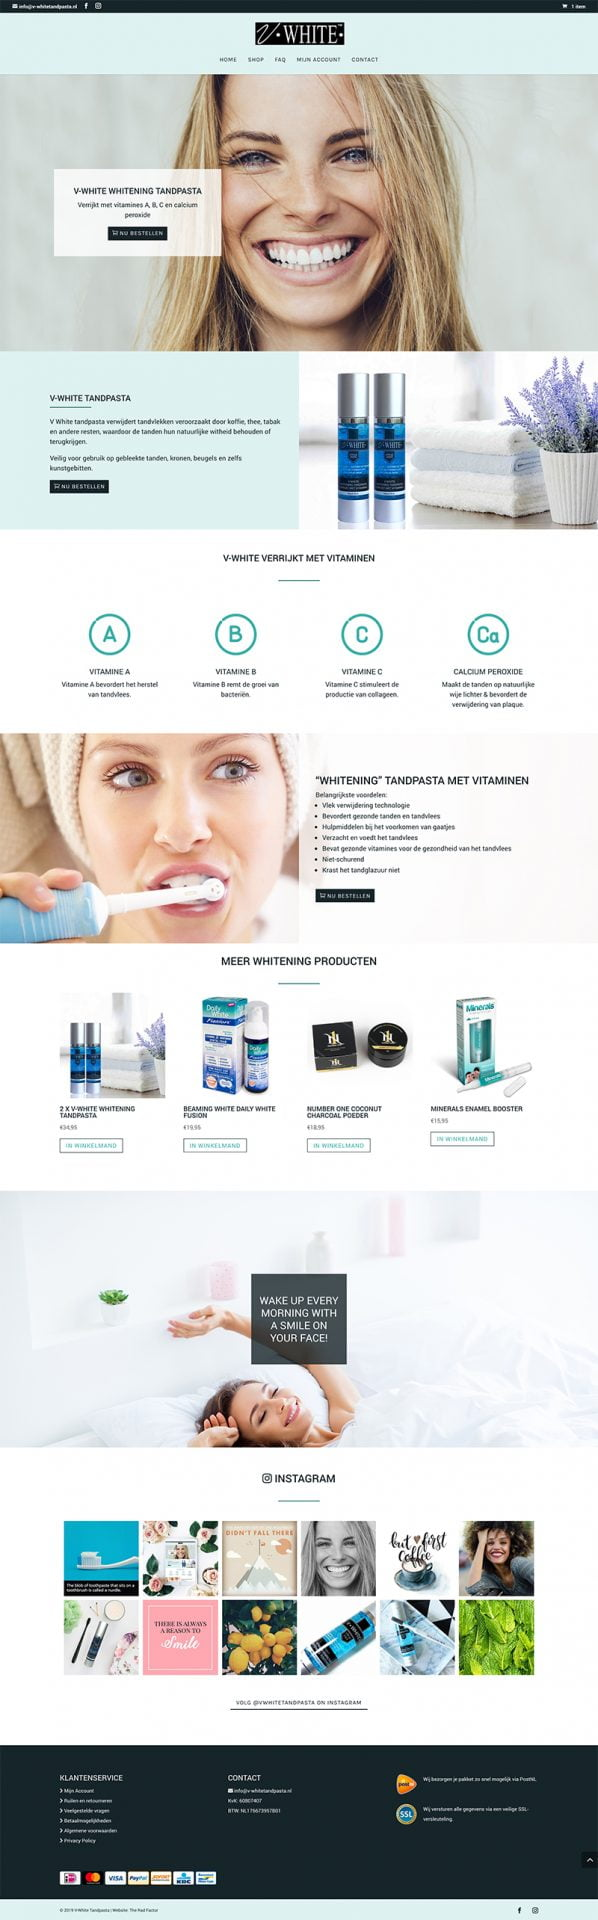 v-white tandpasta